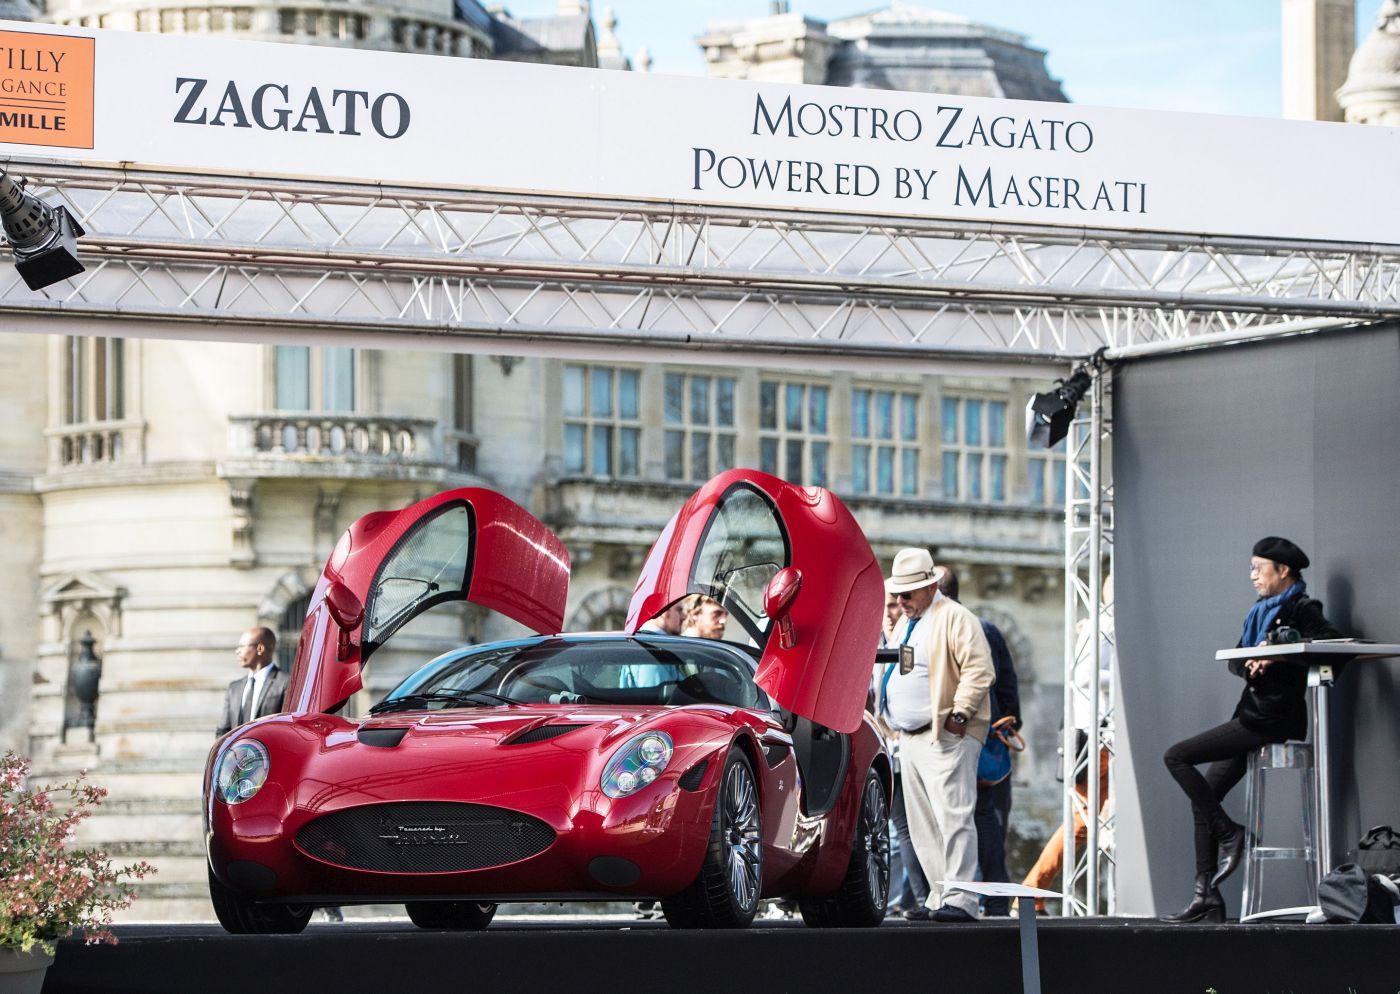 Maserati Mostro Zagato